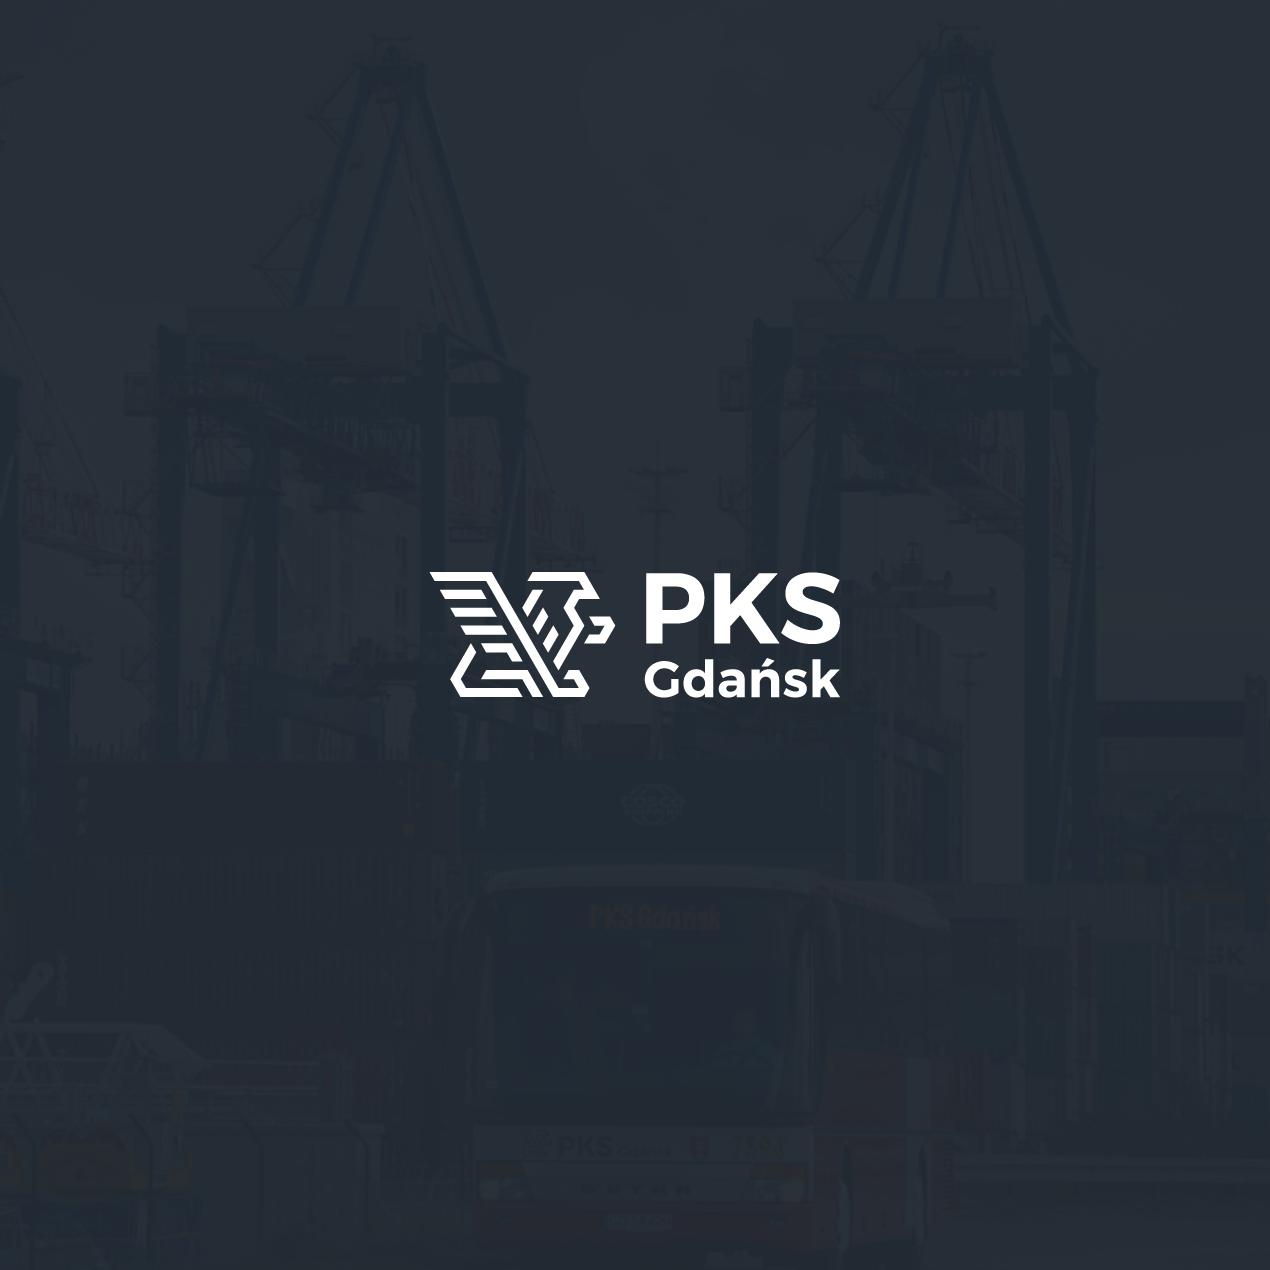 projektowanie logo gdańsk PKS